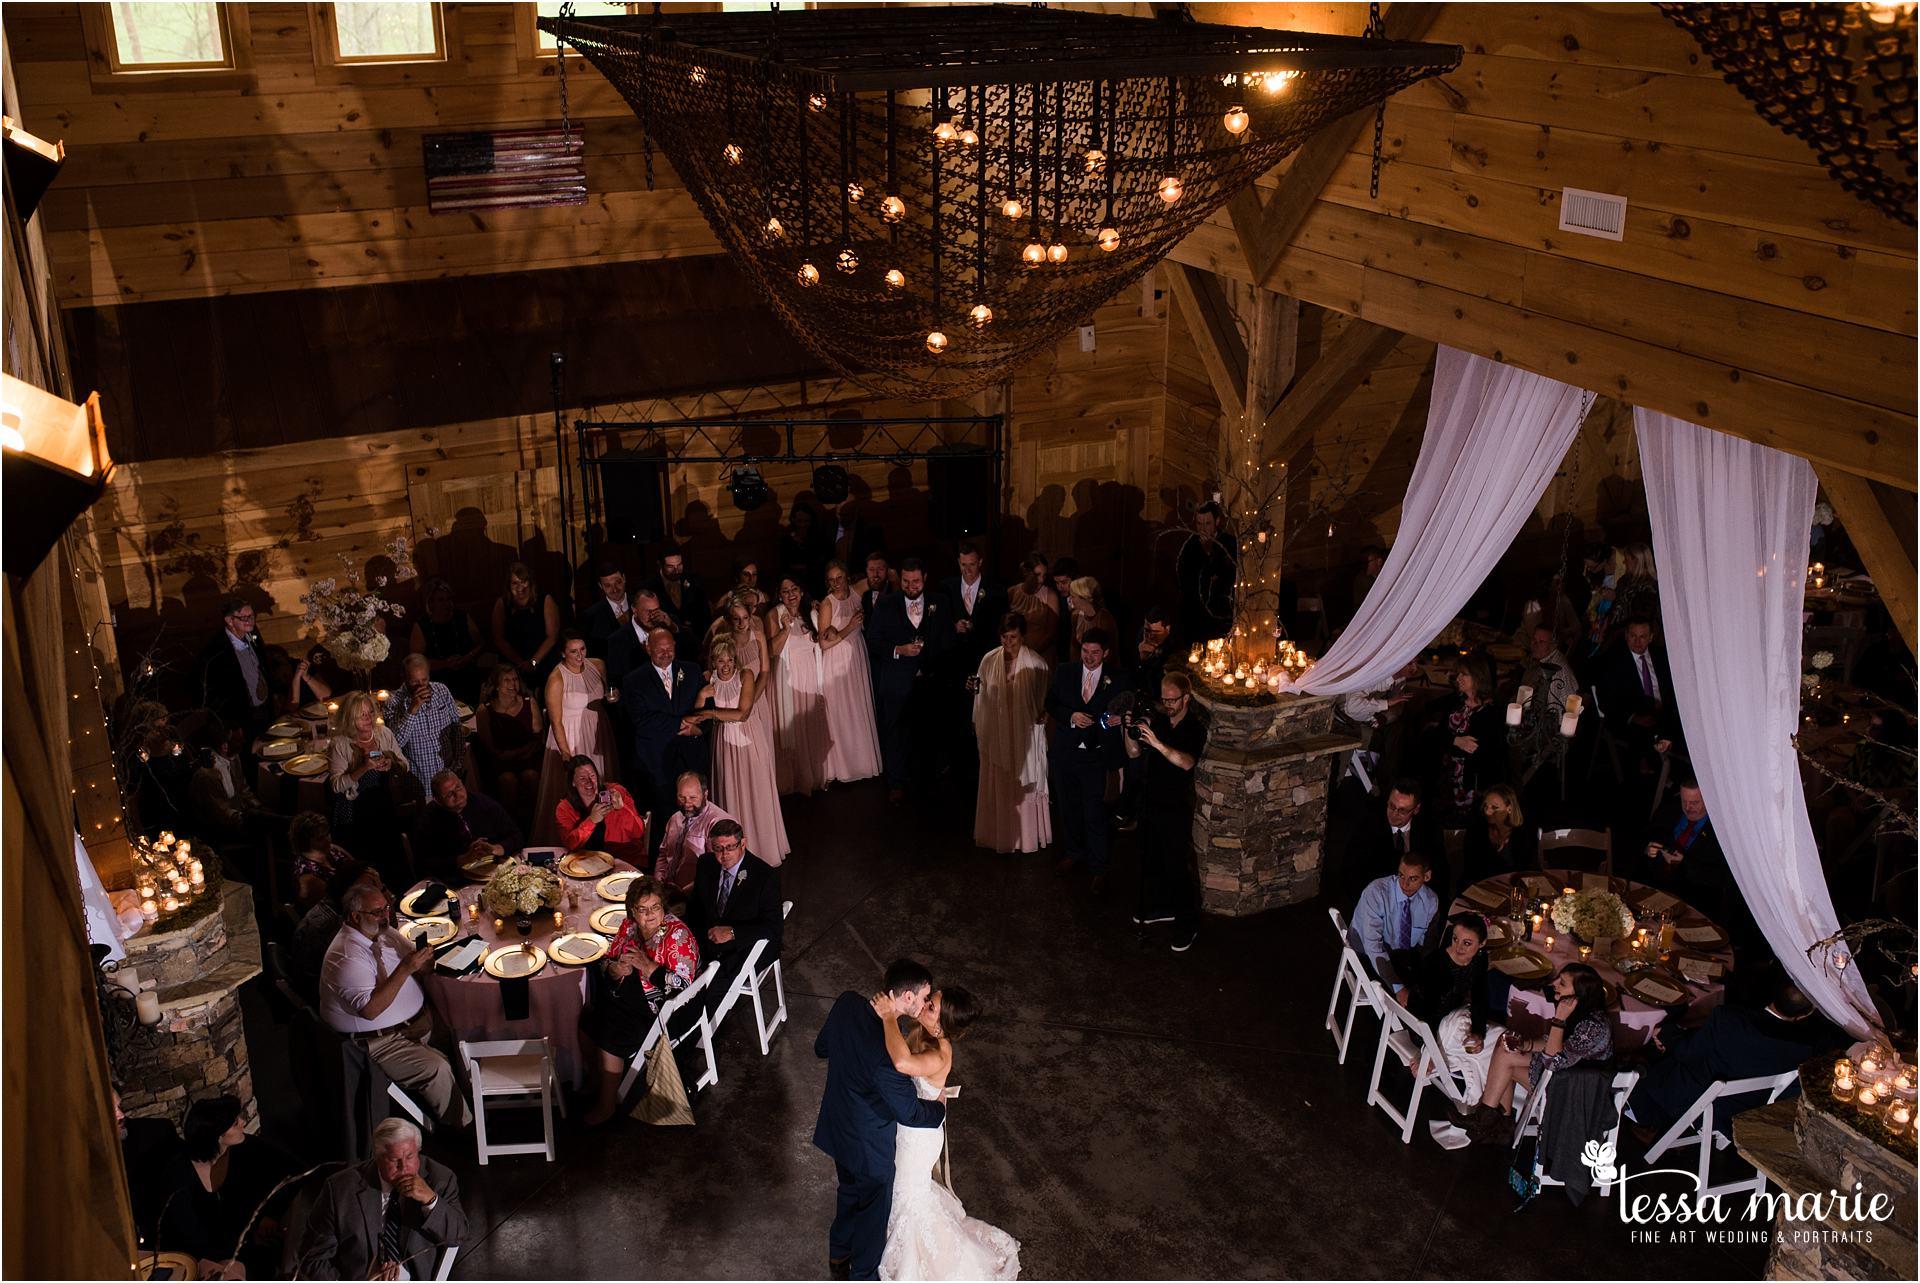 032216_brittany_kevin_wedding-159